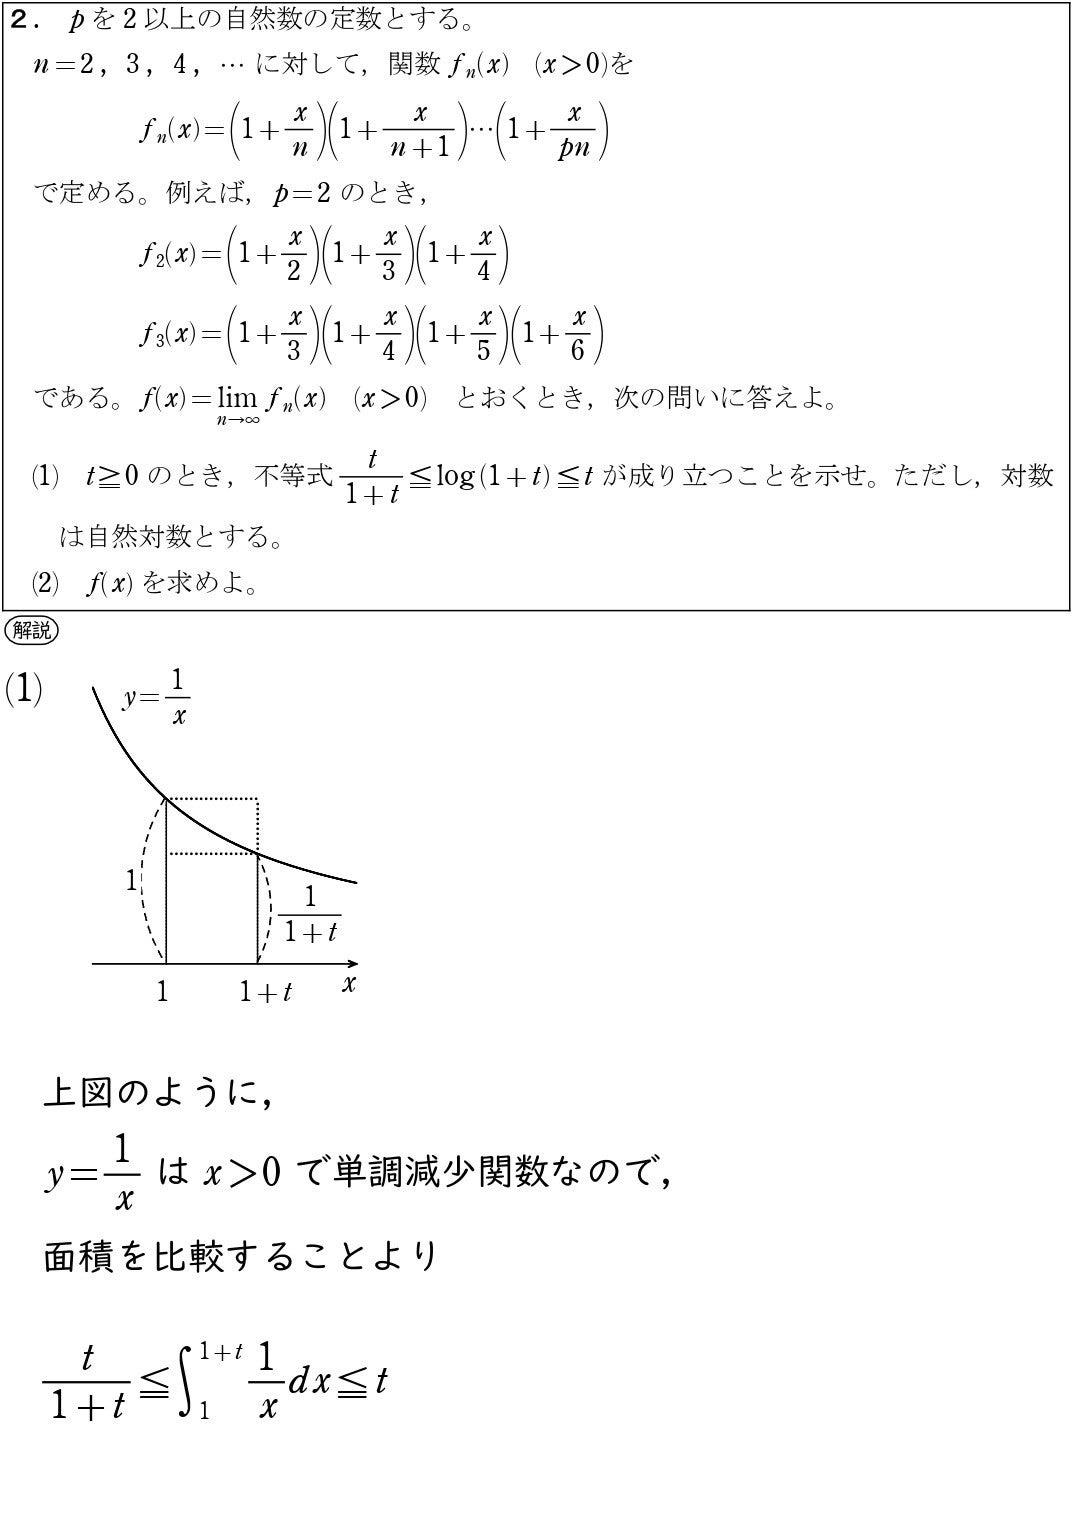 大学 医科 東京 会 慈恵